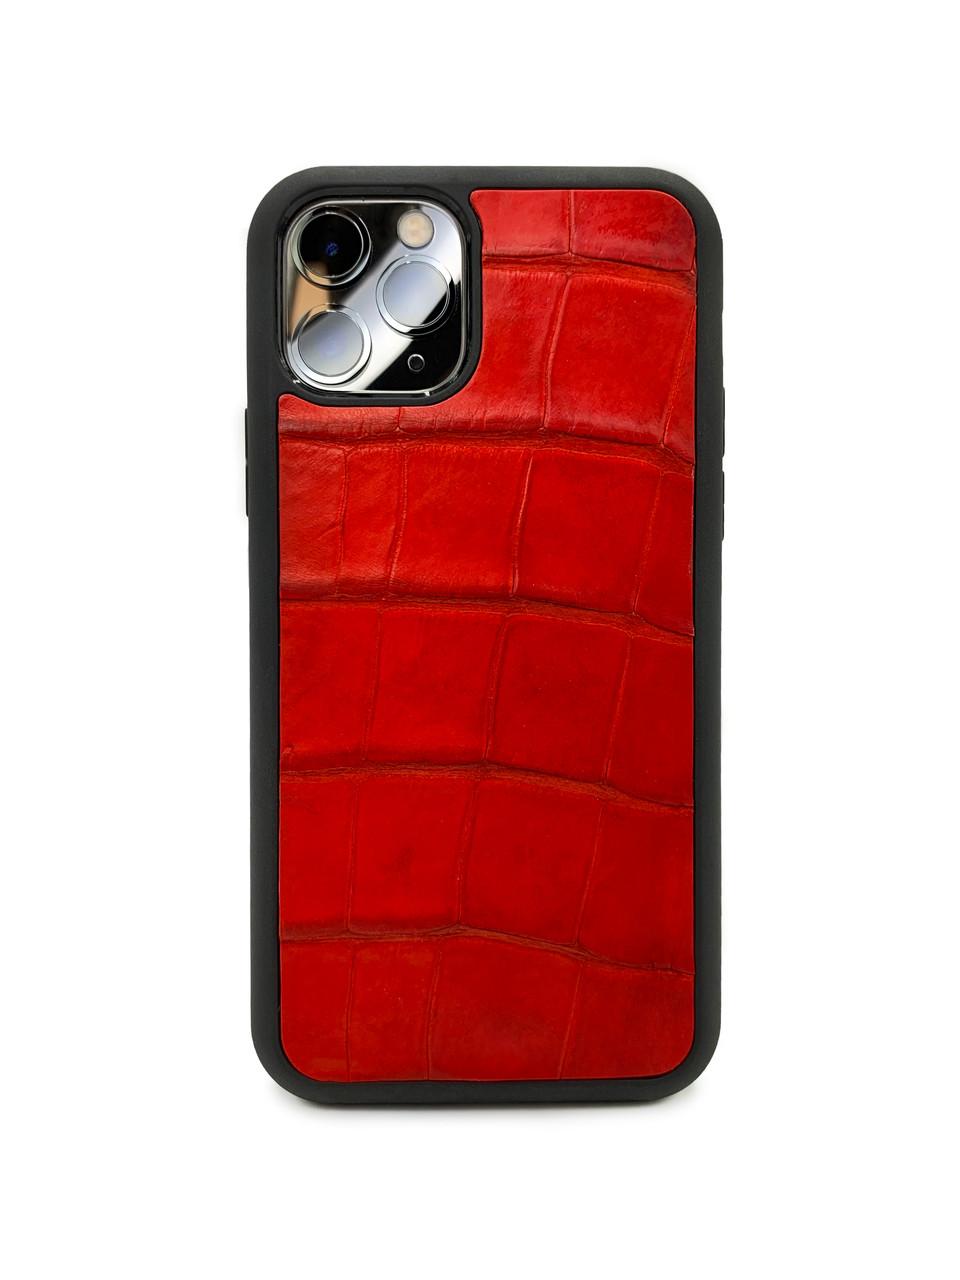 Чехол для iPhone 12 Pro красного цвета из кожи Крокодила